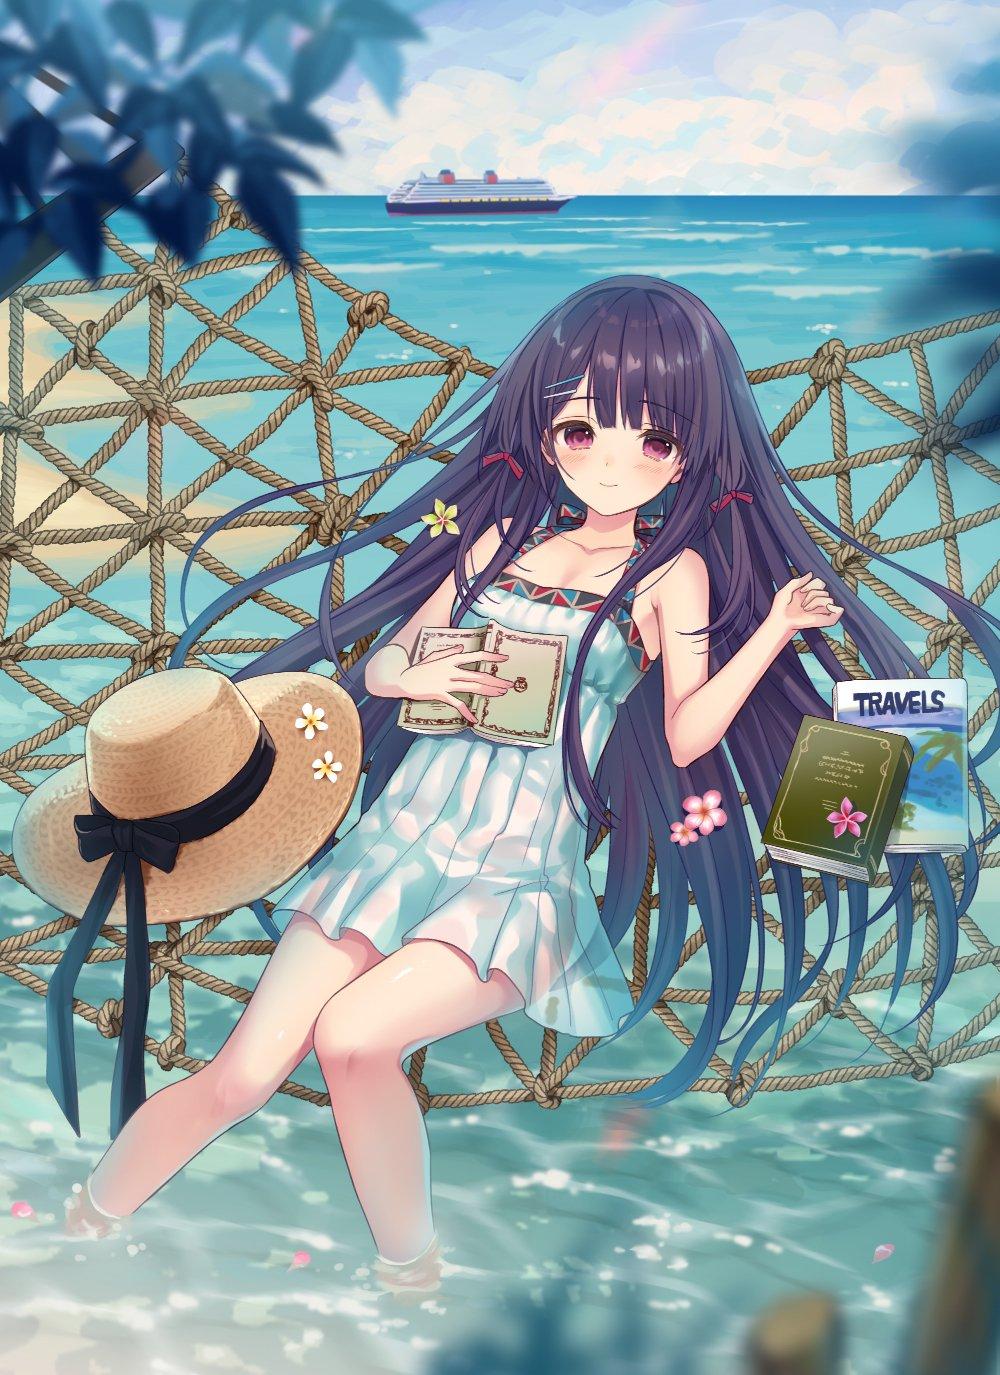 Kết quả hình ảnh cho anime girl in a hammock